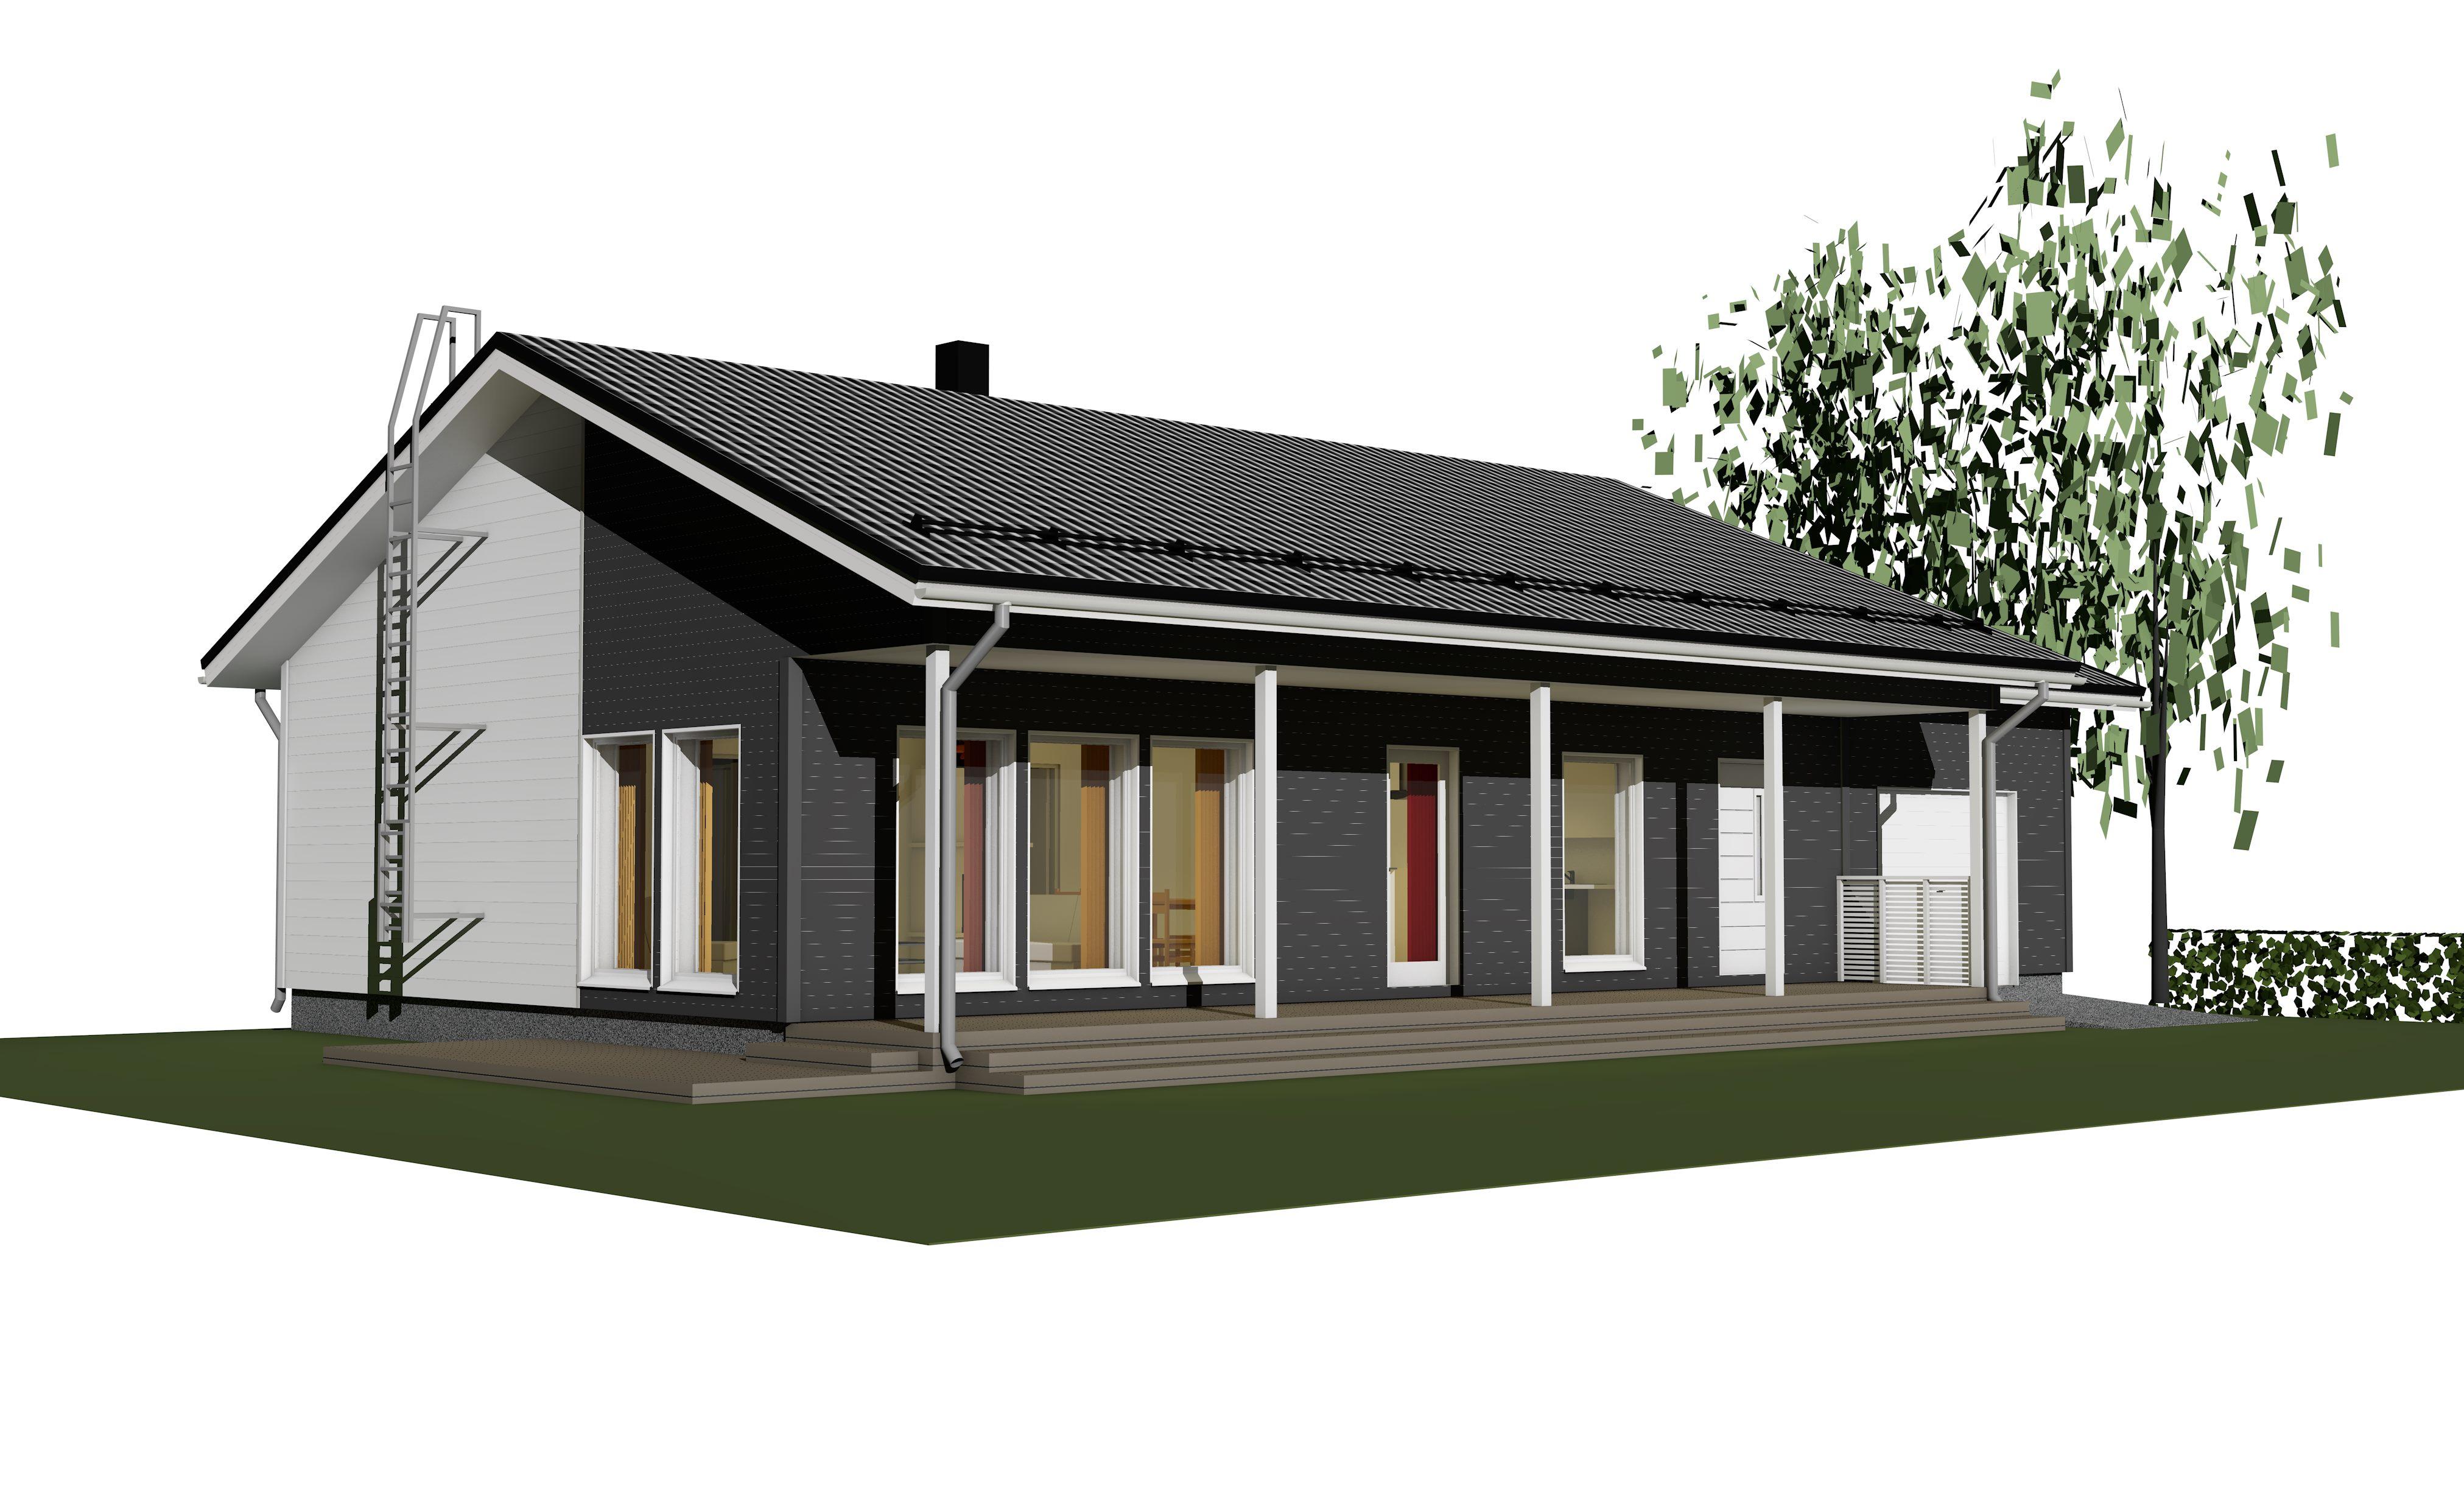 Julkisivukuva - Ainoakoti, Yksilöllinen koti 84 m2